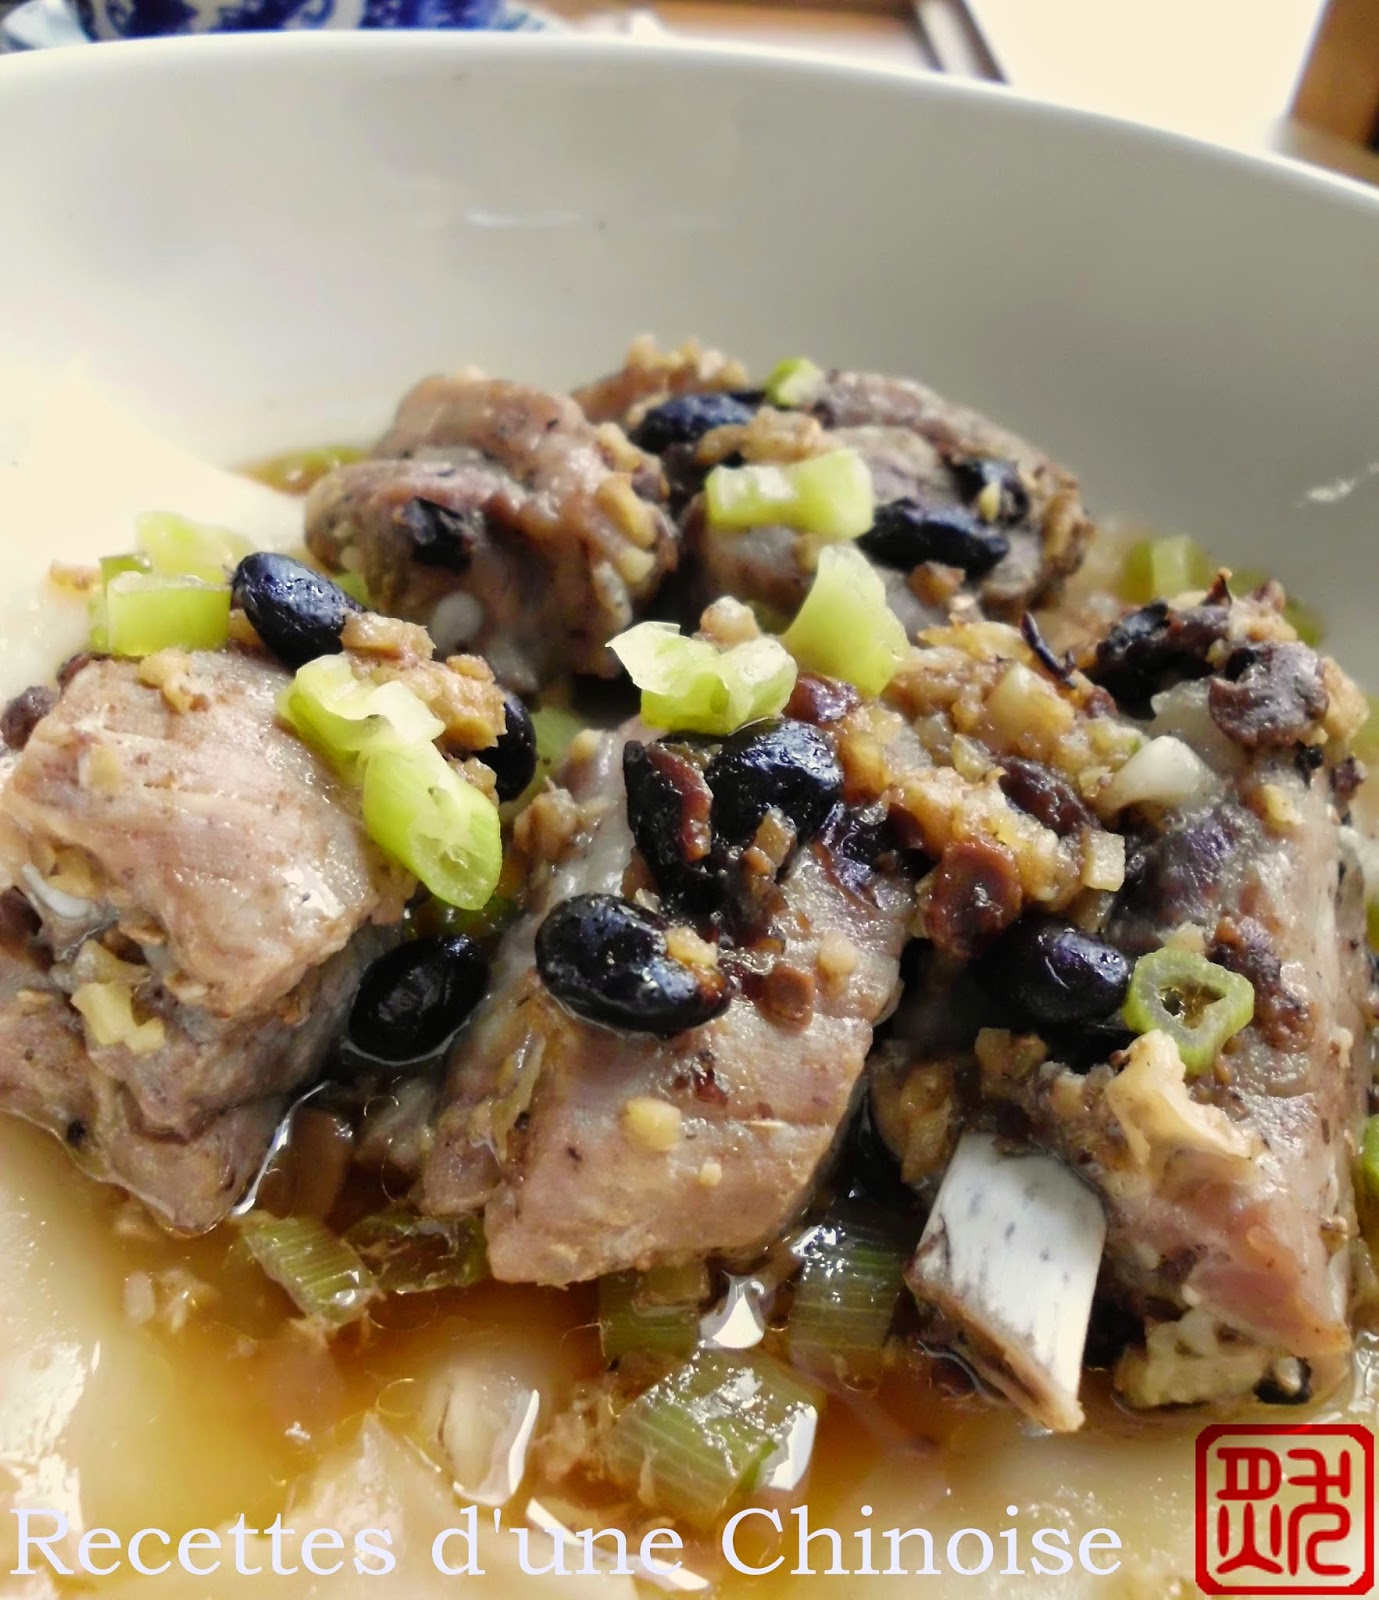 Travers de porc à la vapeur avec pâte de riz 排骨粉 páigǔ fěn. Une recette ...